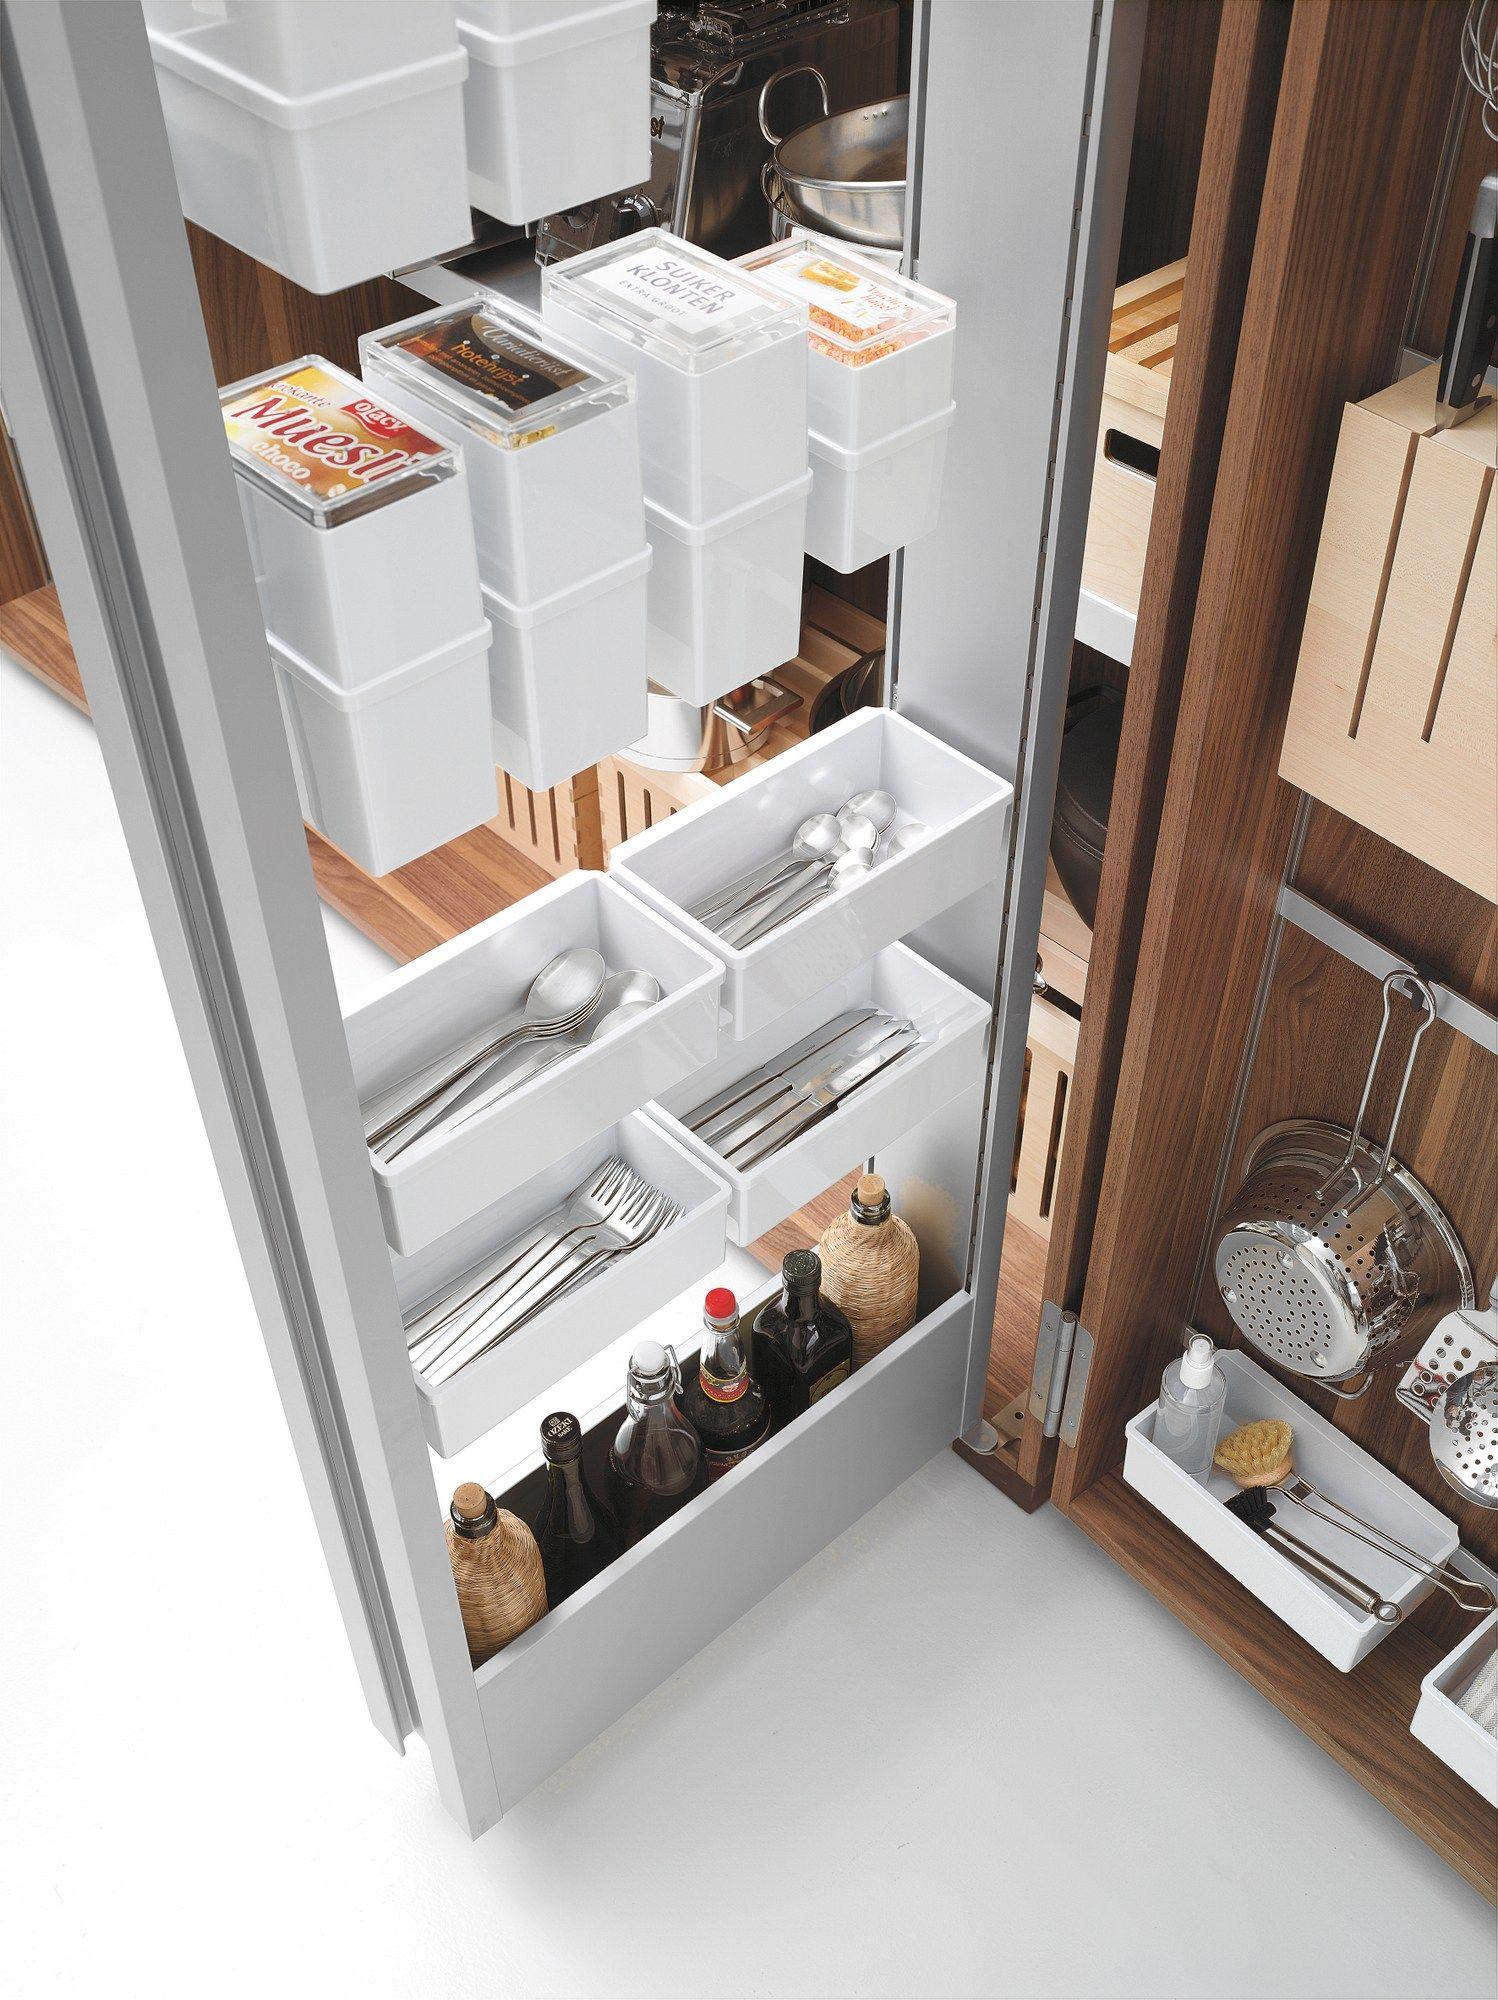 Pin von Tarık Öztürk auf Architect   Pinterest   Küche, Haus küchen ...